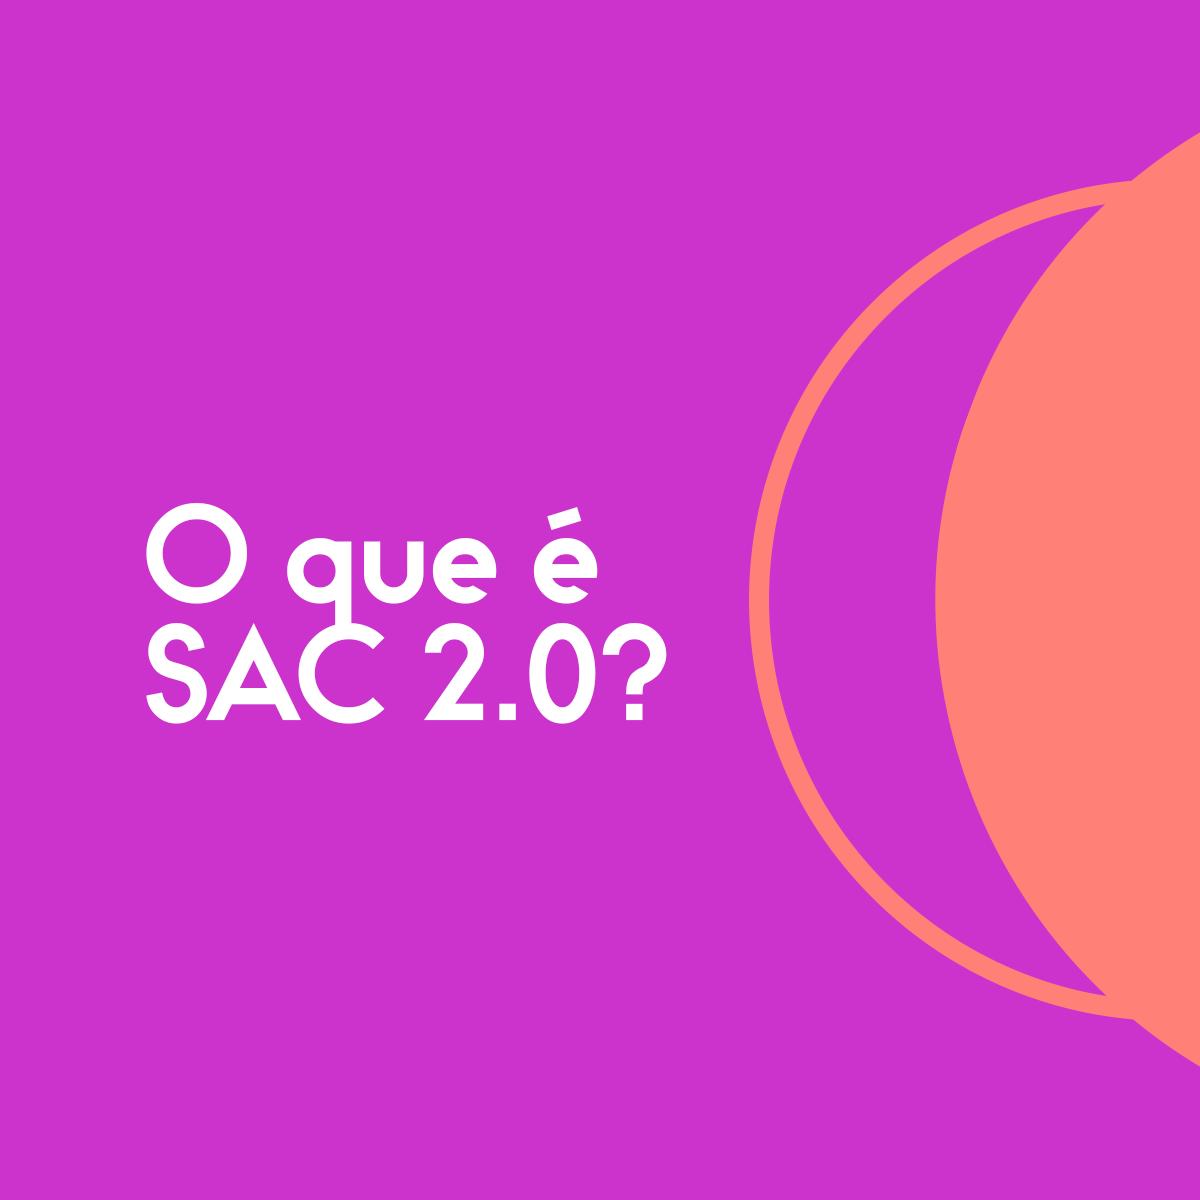 O-que-é-SAC-20